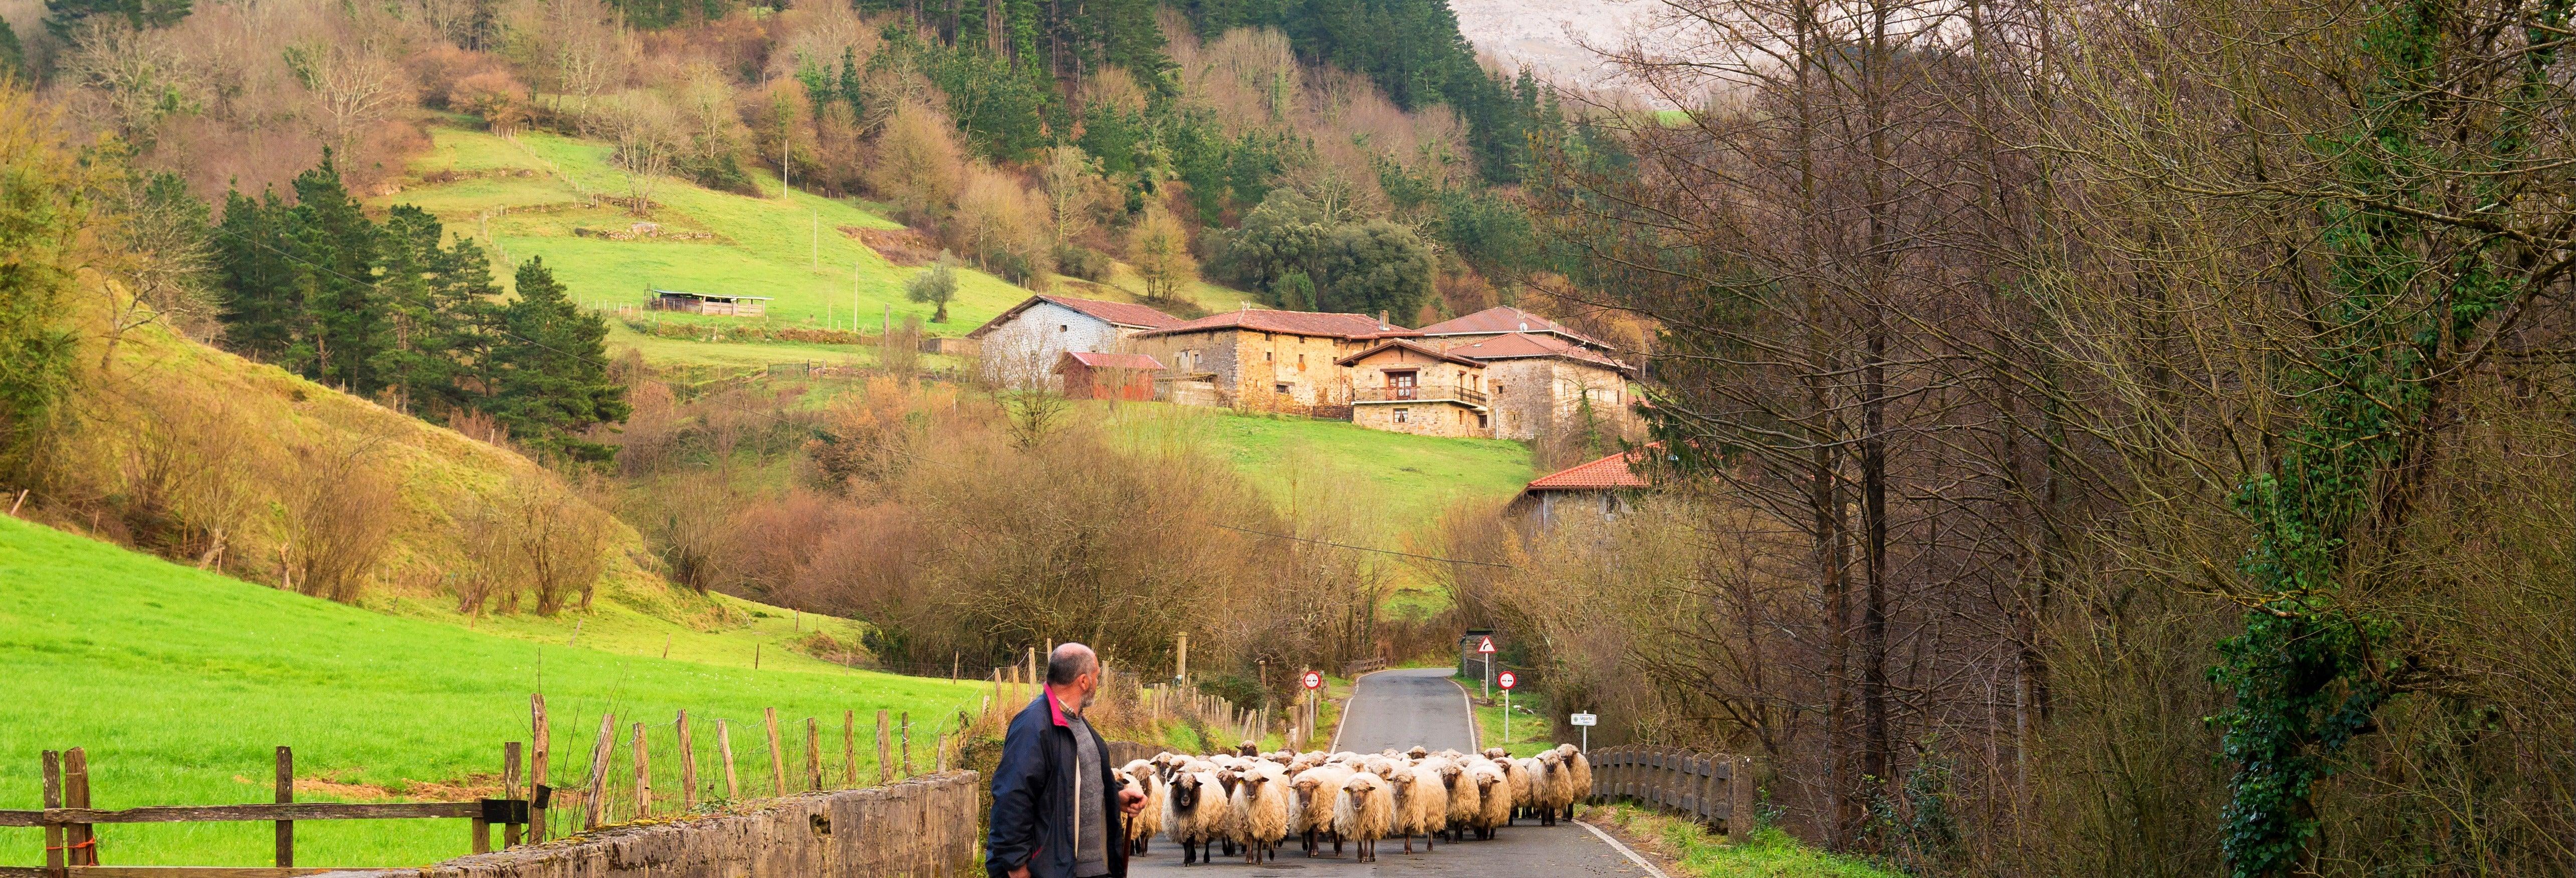 Elorrio, Oñati e Santuario di Arantzazu